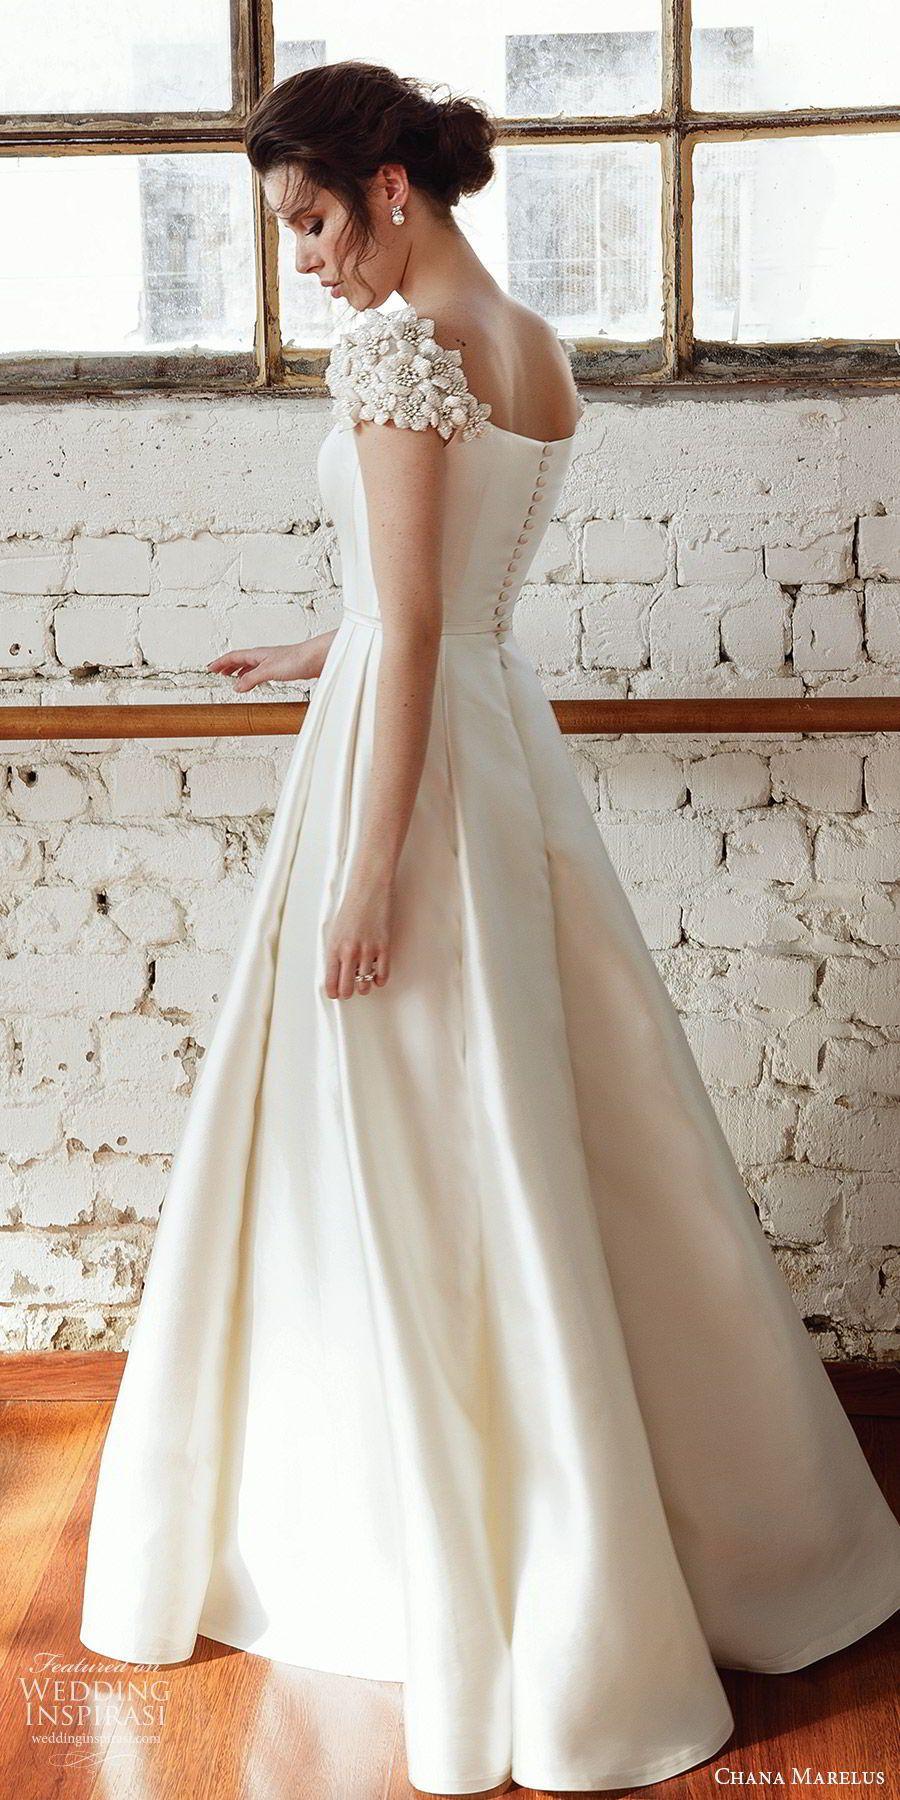 Chana Marelus Herbst / Winter 2019 Brautkleider   – 2020 wedding